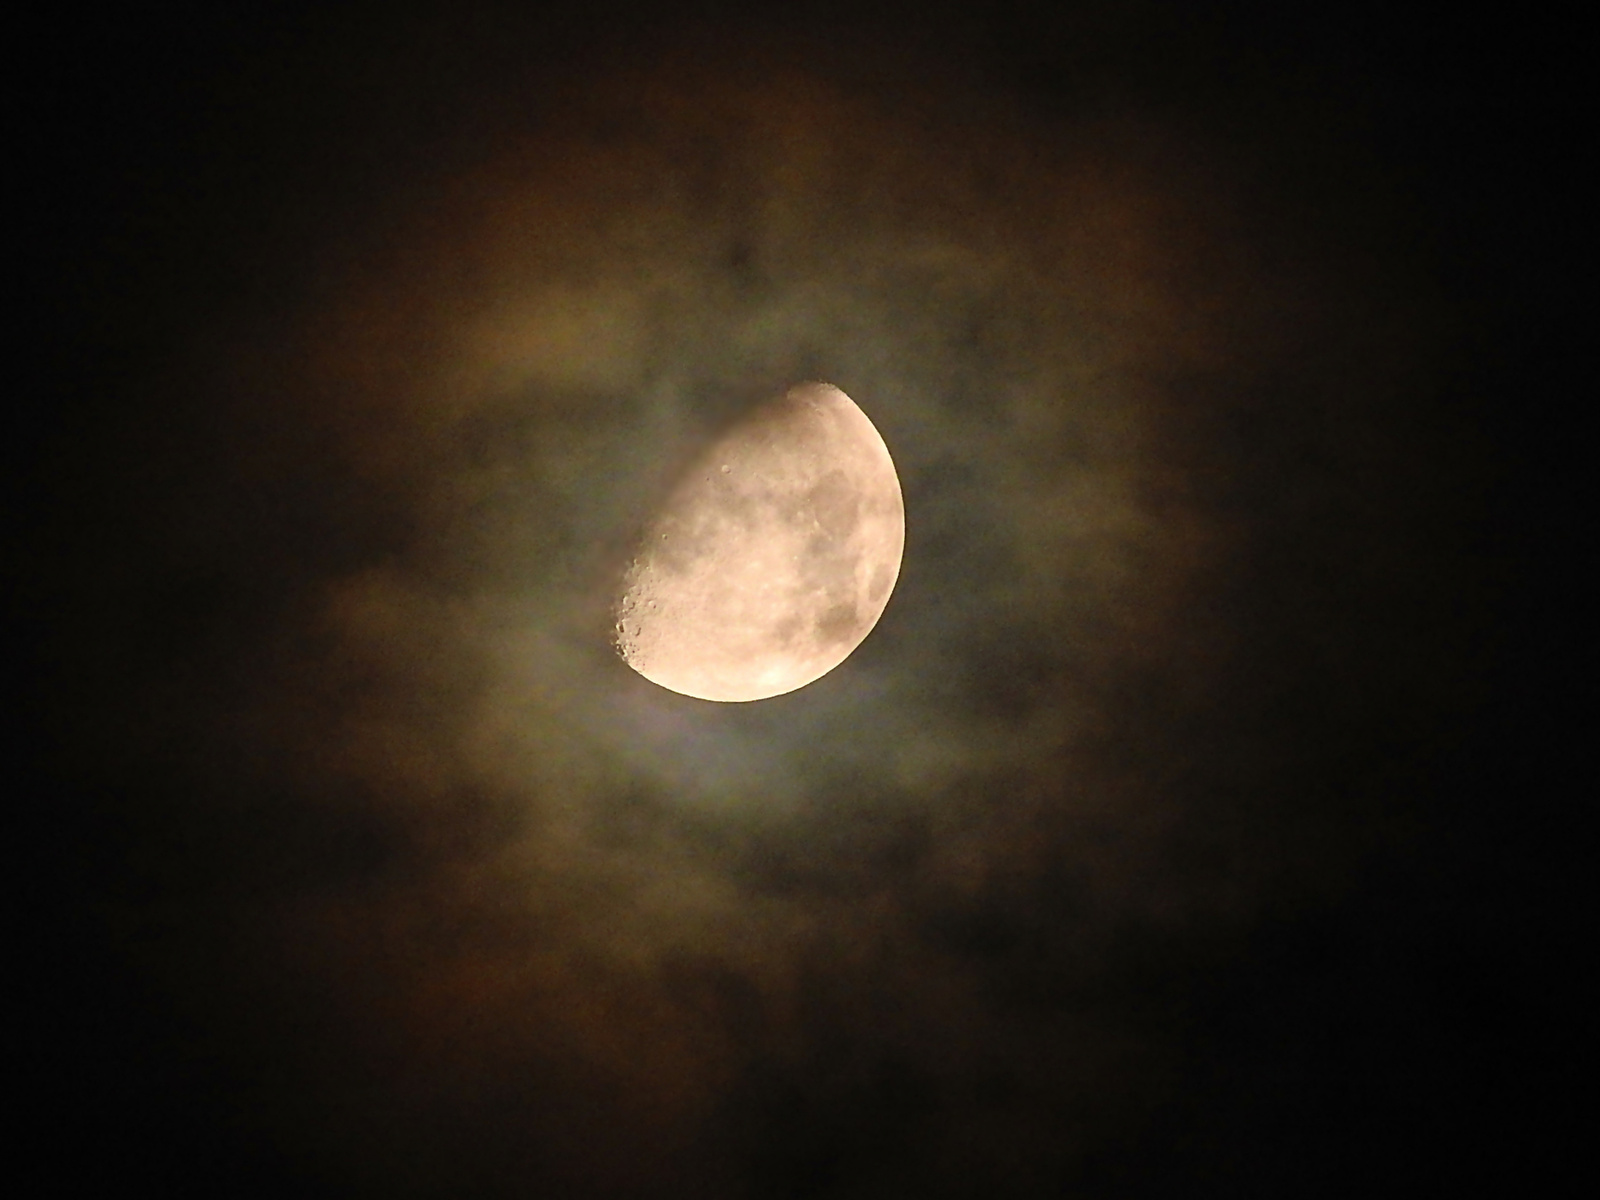 A Hold és udvara közelebbről halojelenség. 2015. okt. 22. 22:22